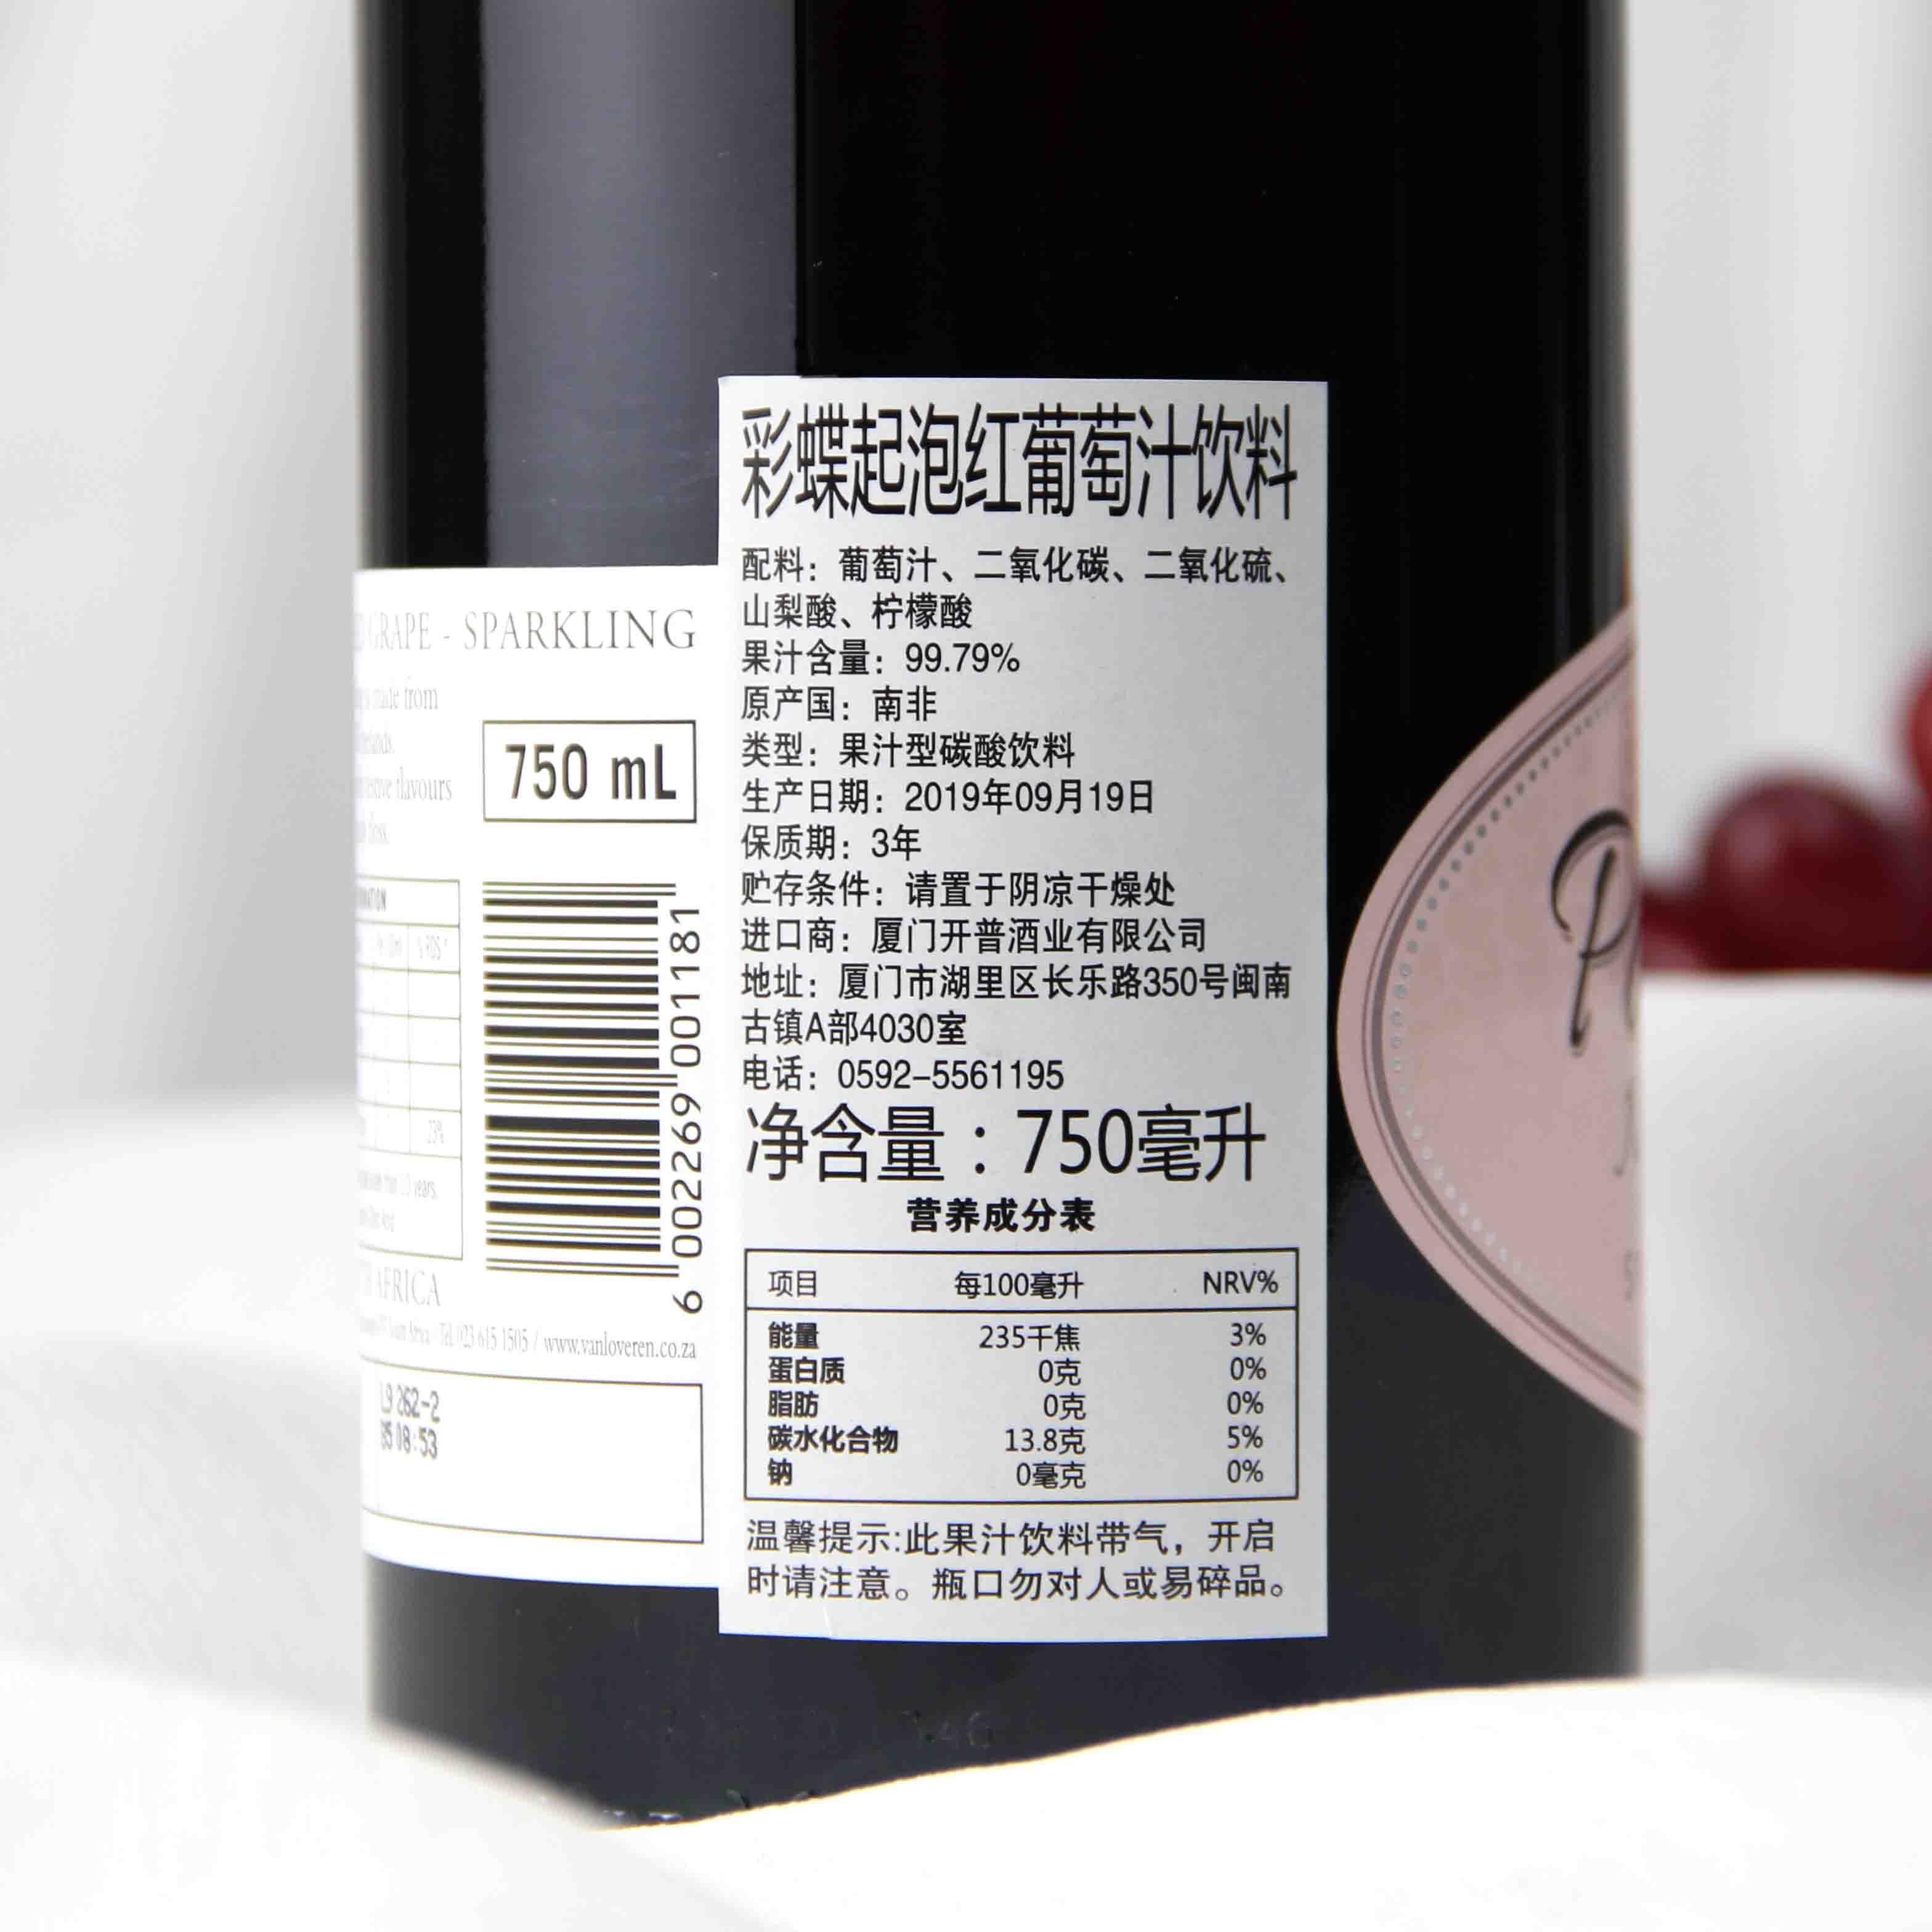 南非罗伯逊山谷梵劳伦酒庄彩蝶无醇起泡红葡萄汁